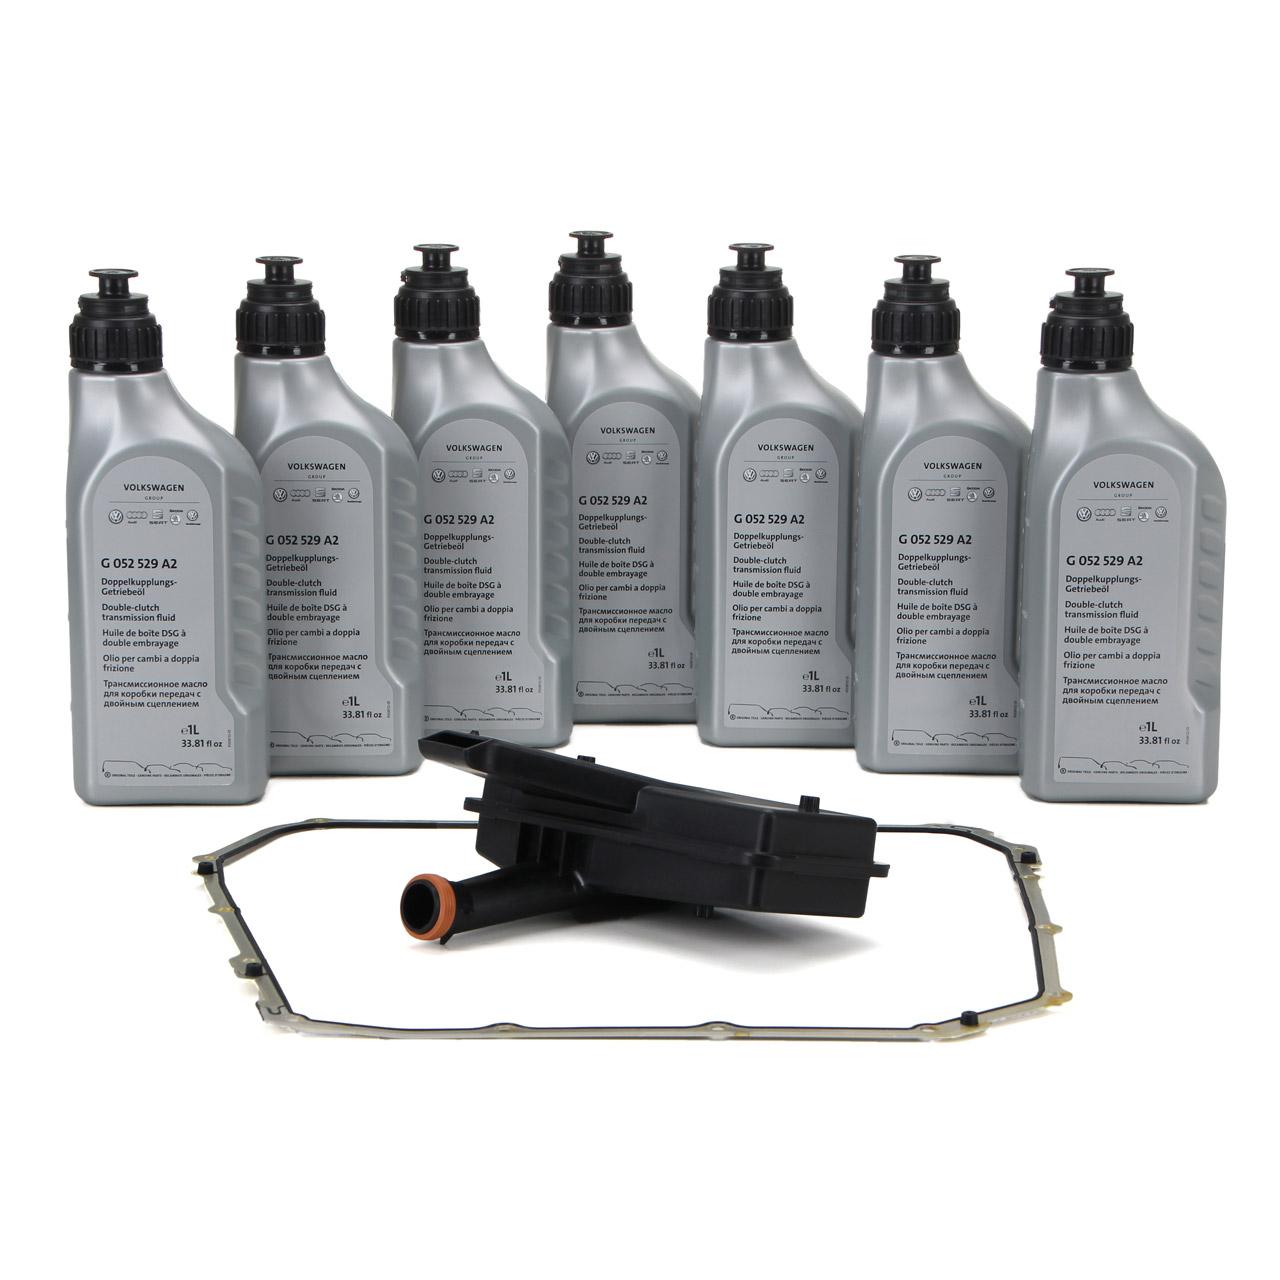 Hydraulikfilter Satz 7-Gang S-Tronic DL501 + 7L ORIGINAL Getriebeöl G052529A2